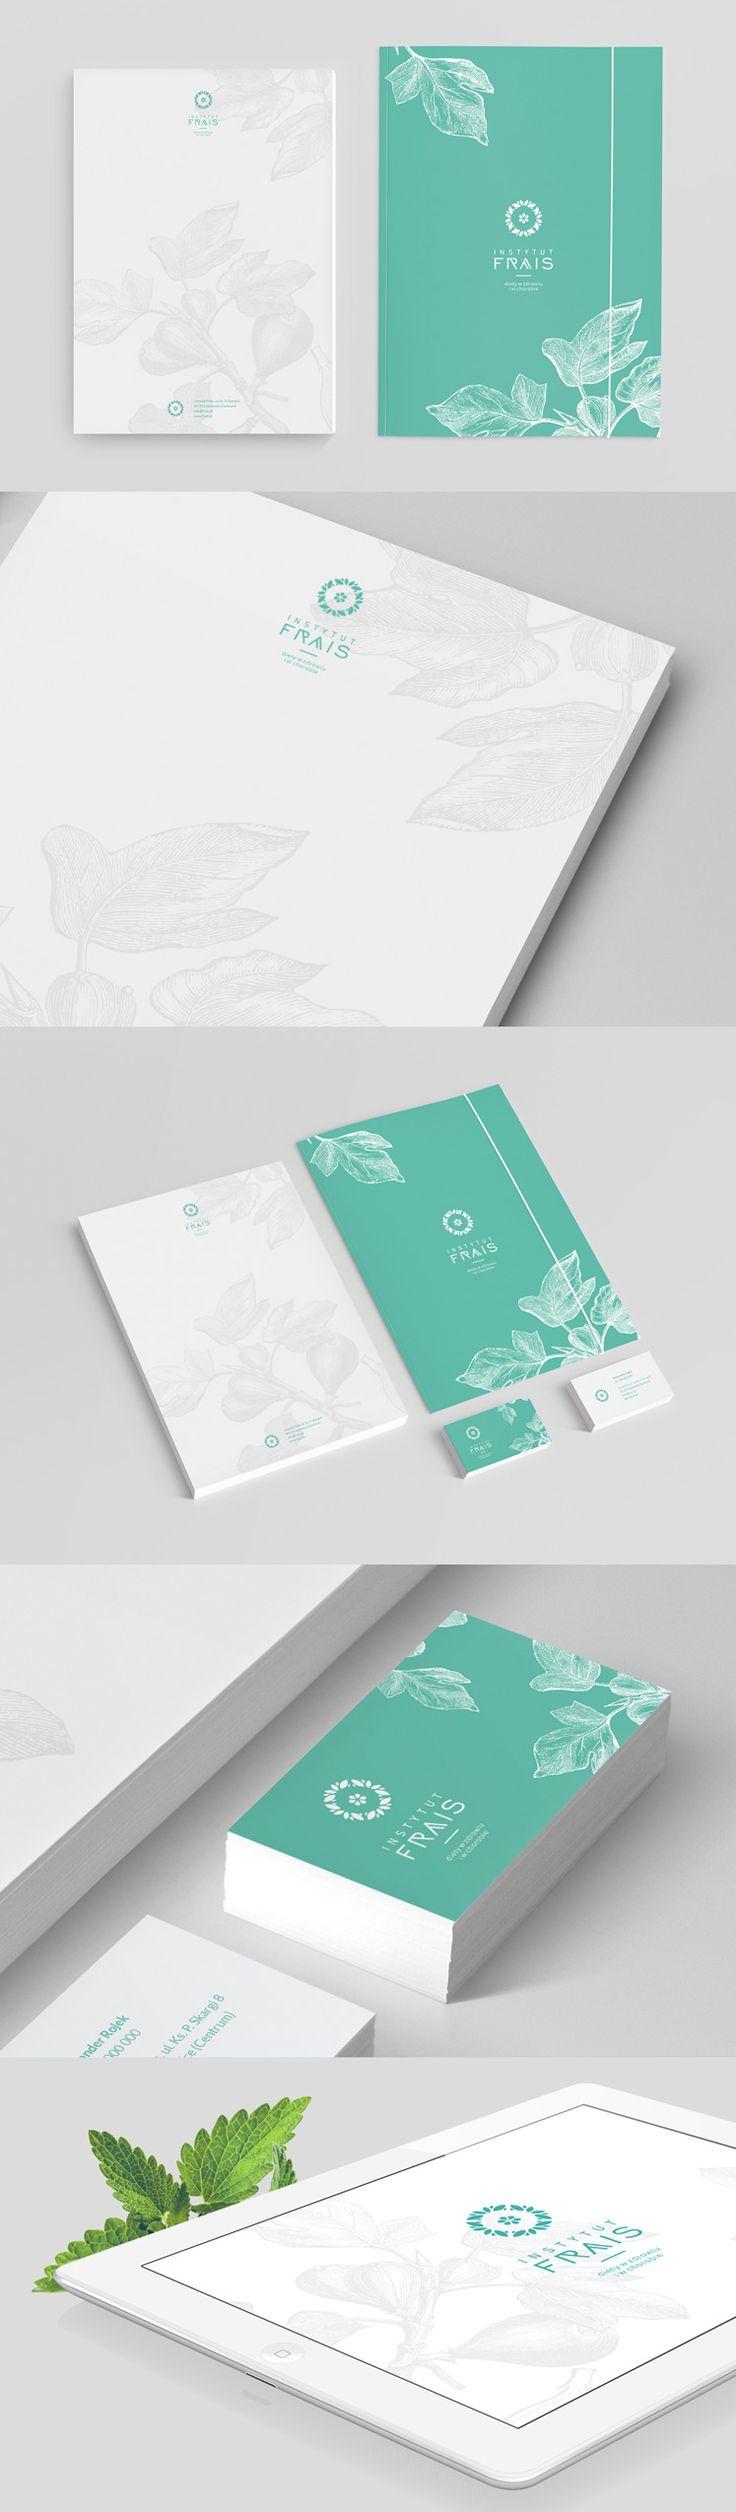 MAYA_MIREN Imagen corporativa con hojas en marca de agua / Frais identity